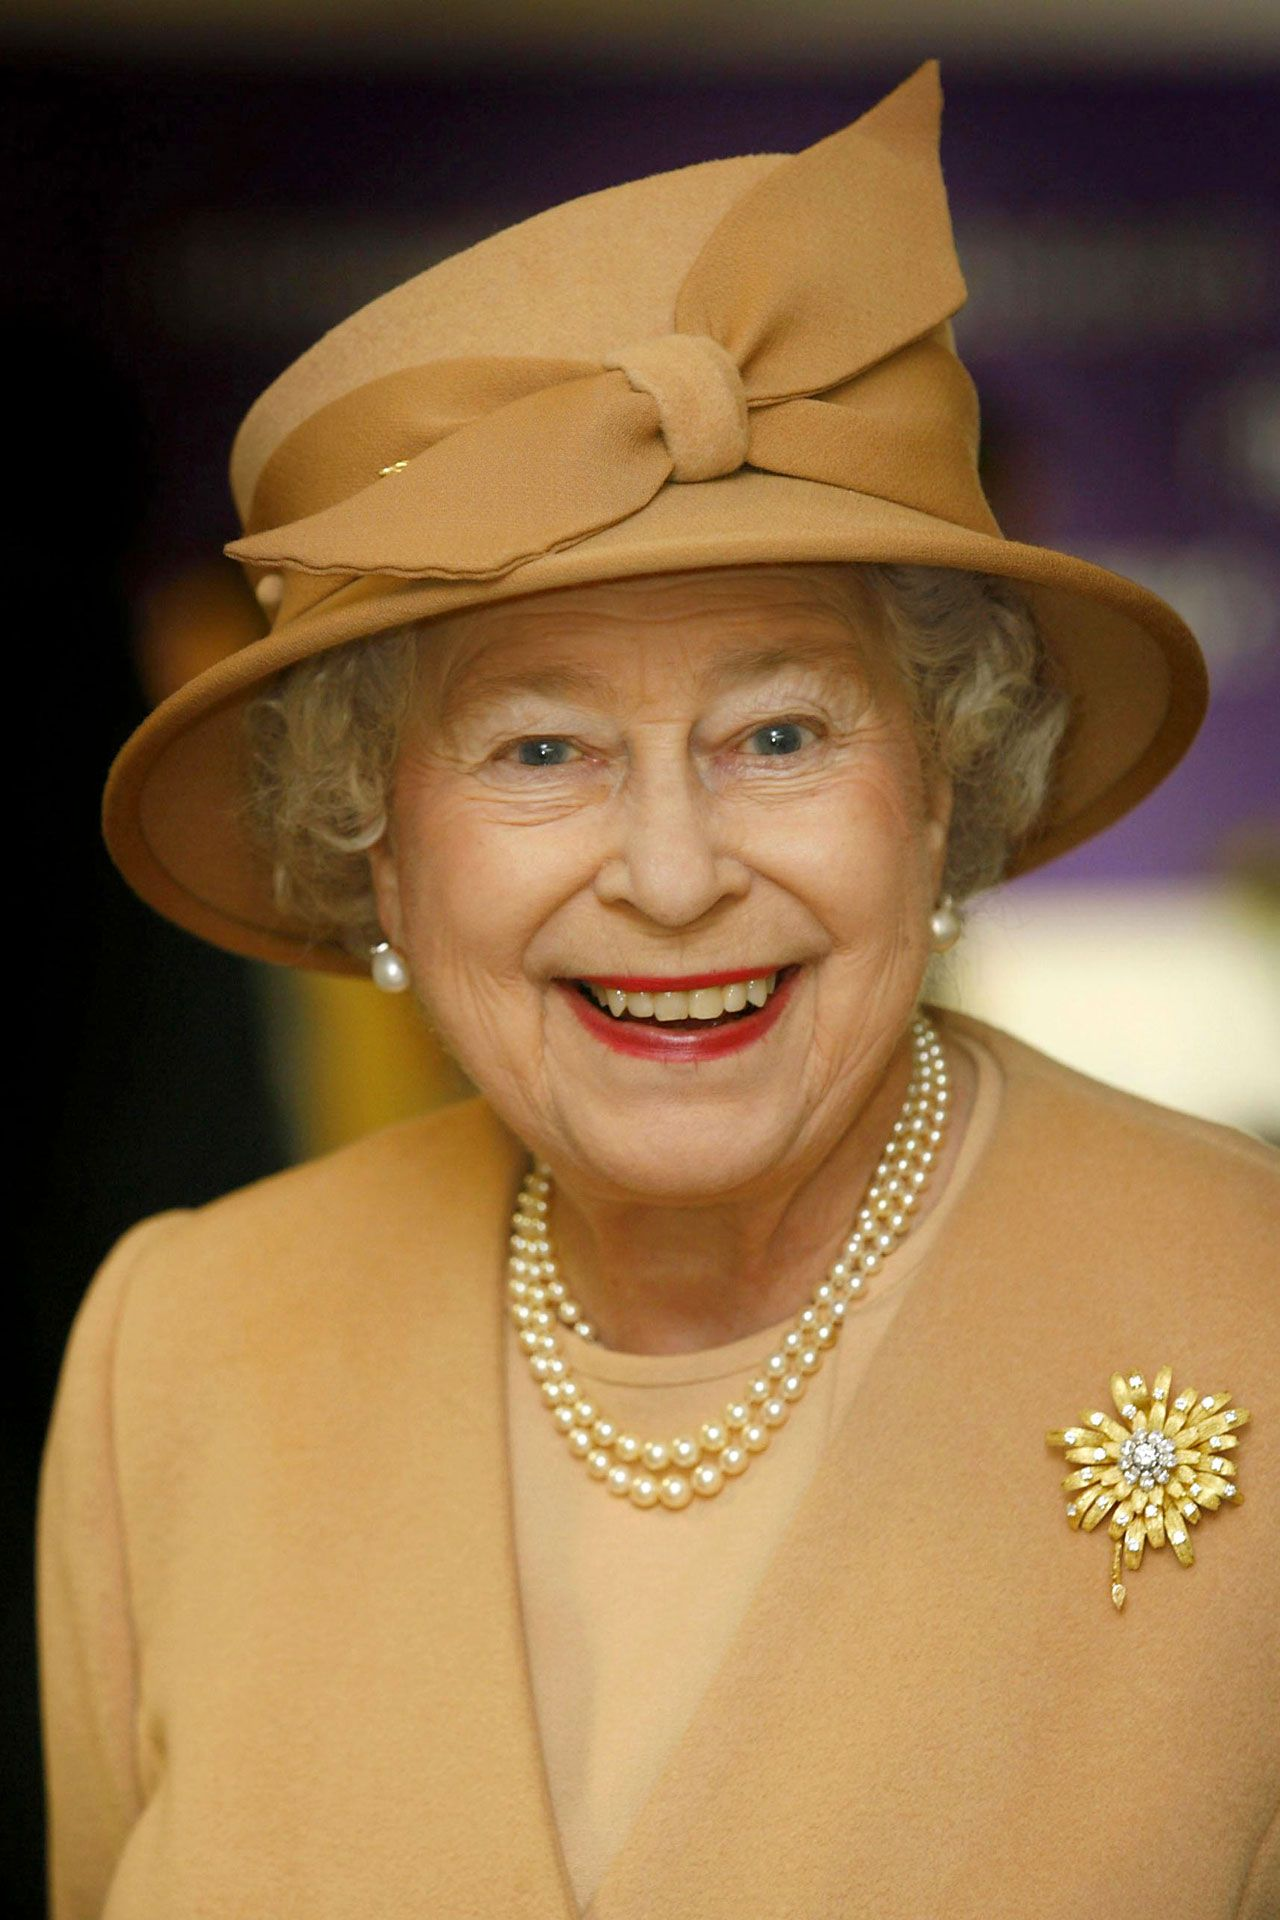 The Queen Of Brooches Elizabeth ii, Queen elizabeth